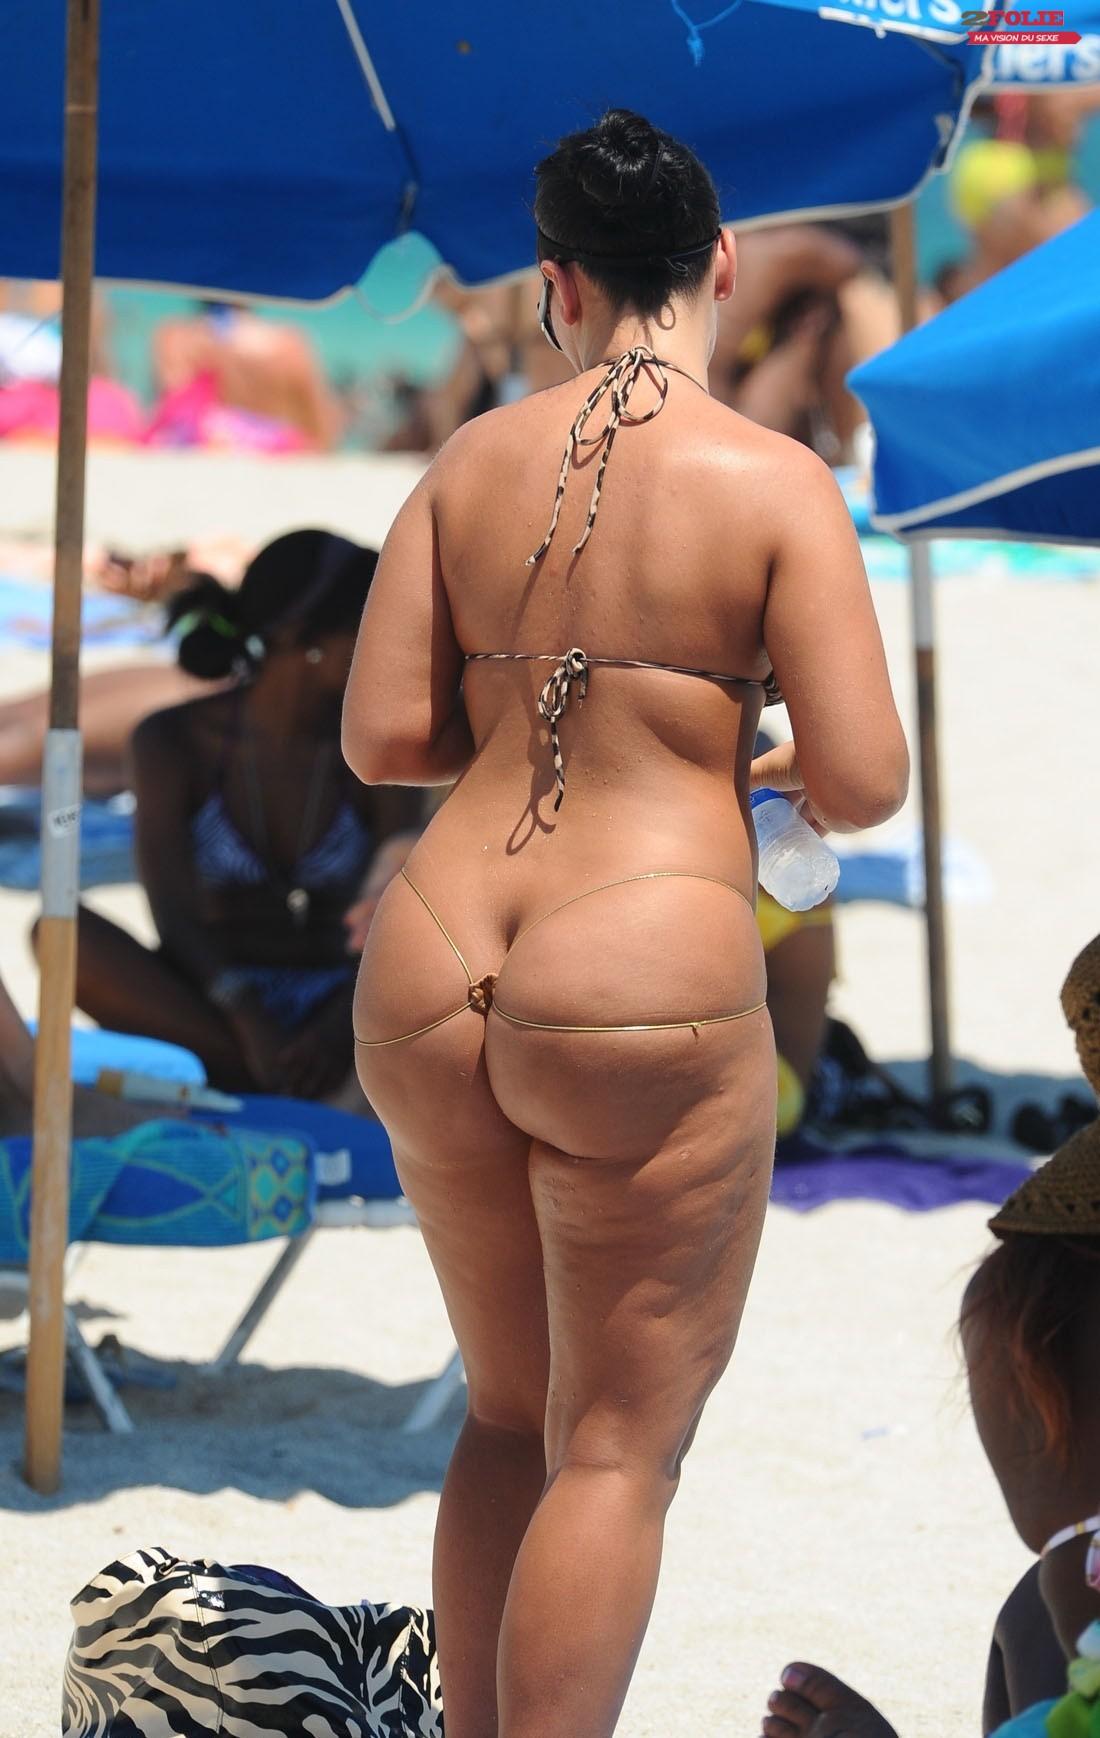 Мега жирные жопы в бикини микро фото